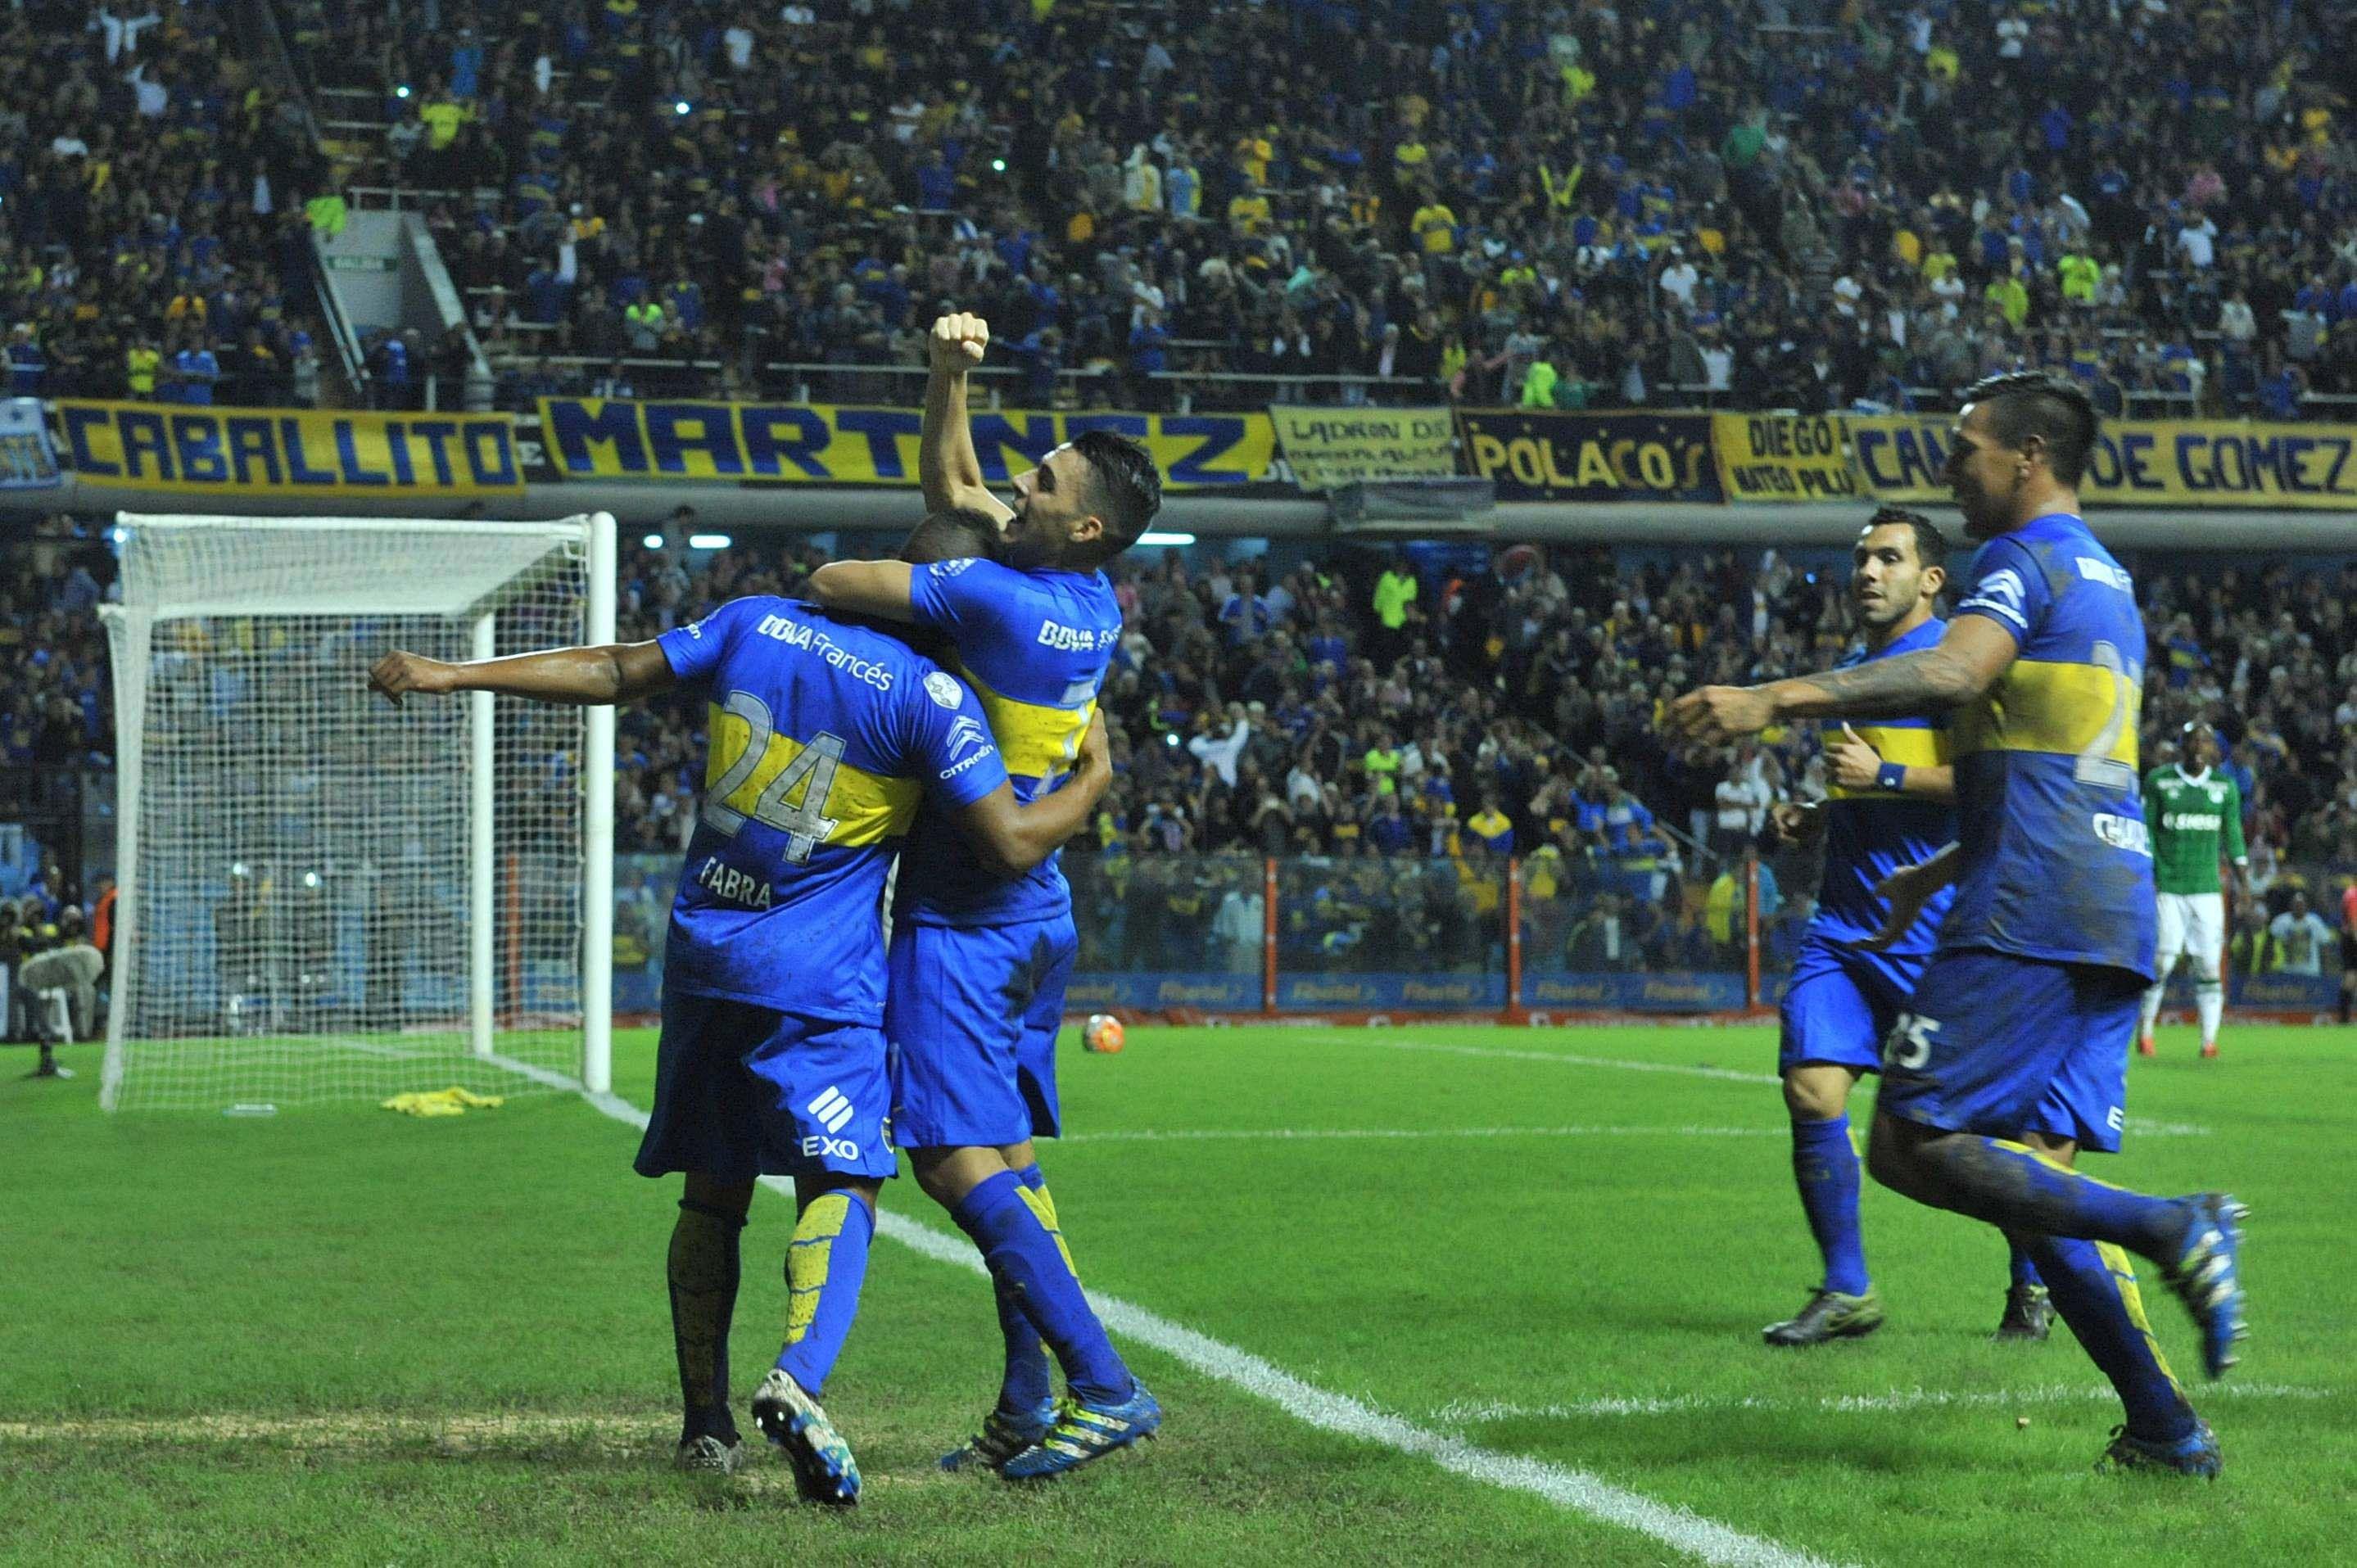 Boca goleó a Deportivo Cali y se aseguró el primer puesto del grupo 3